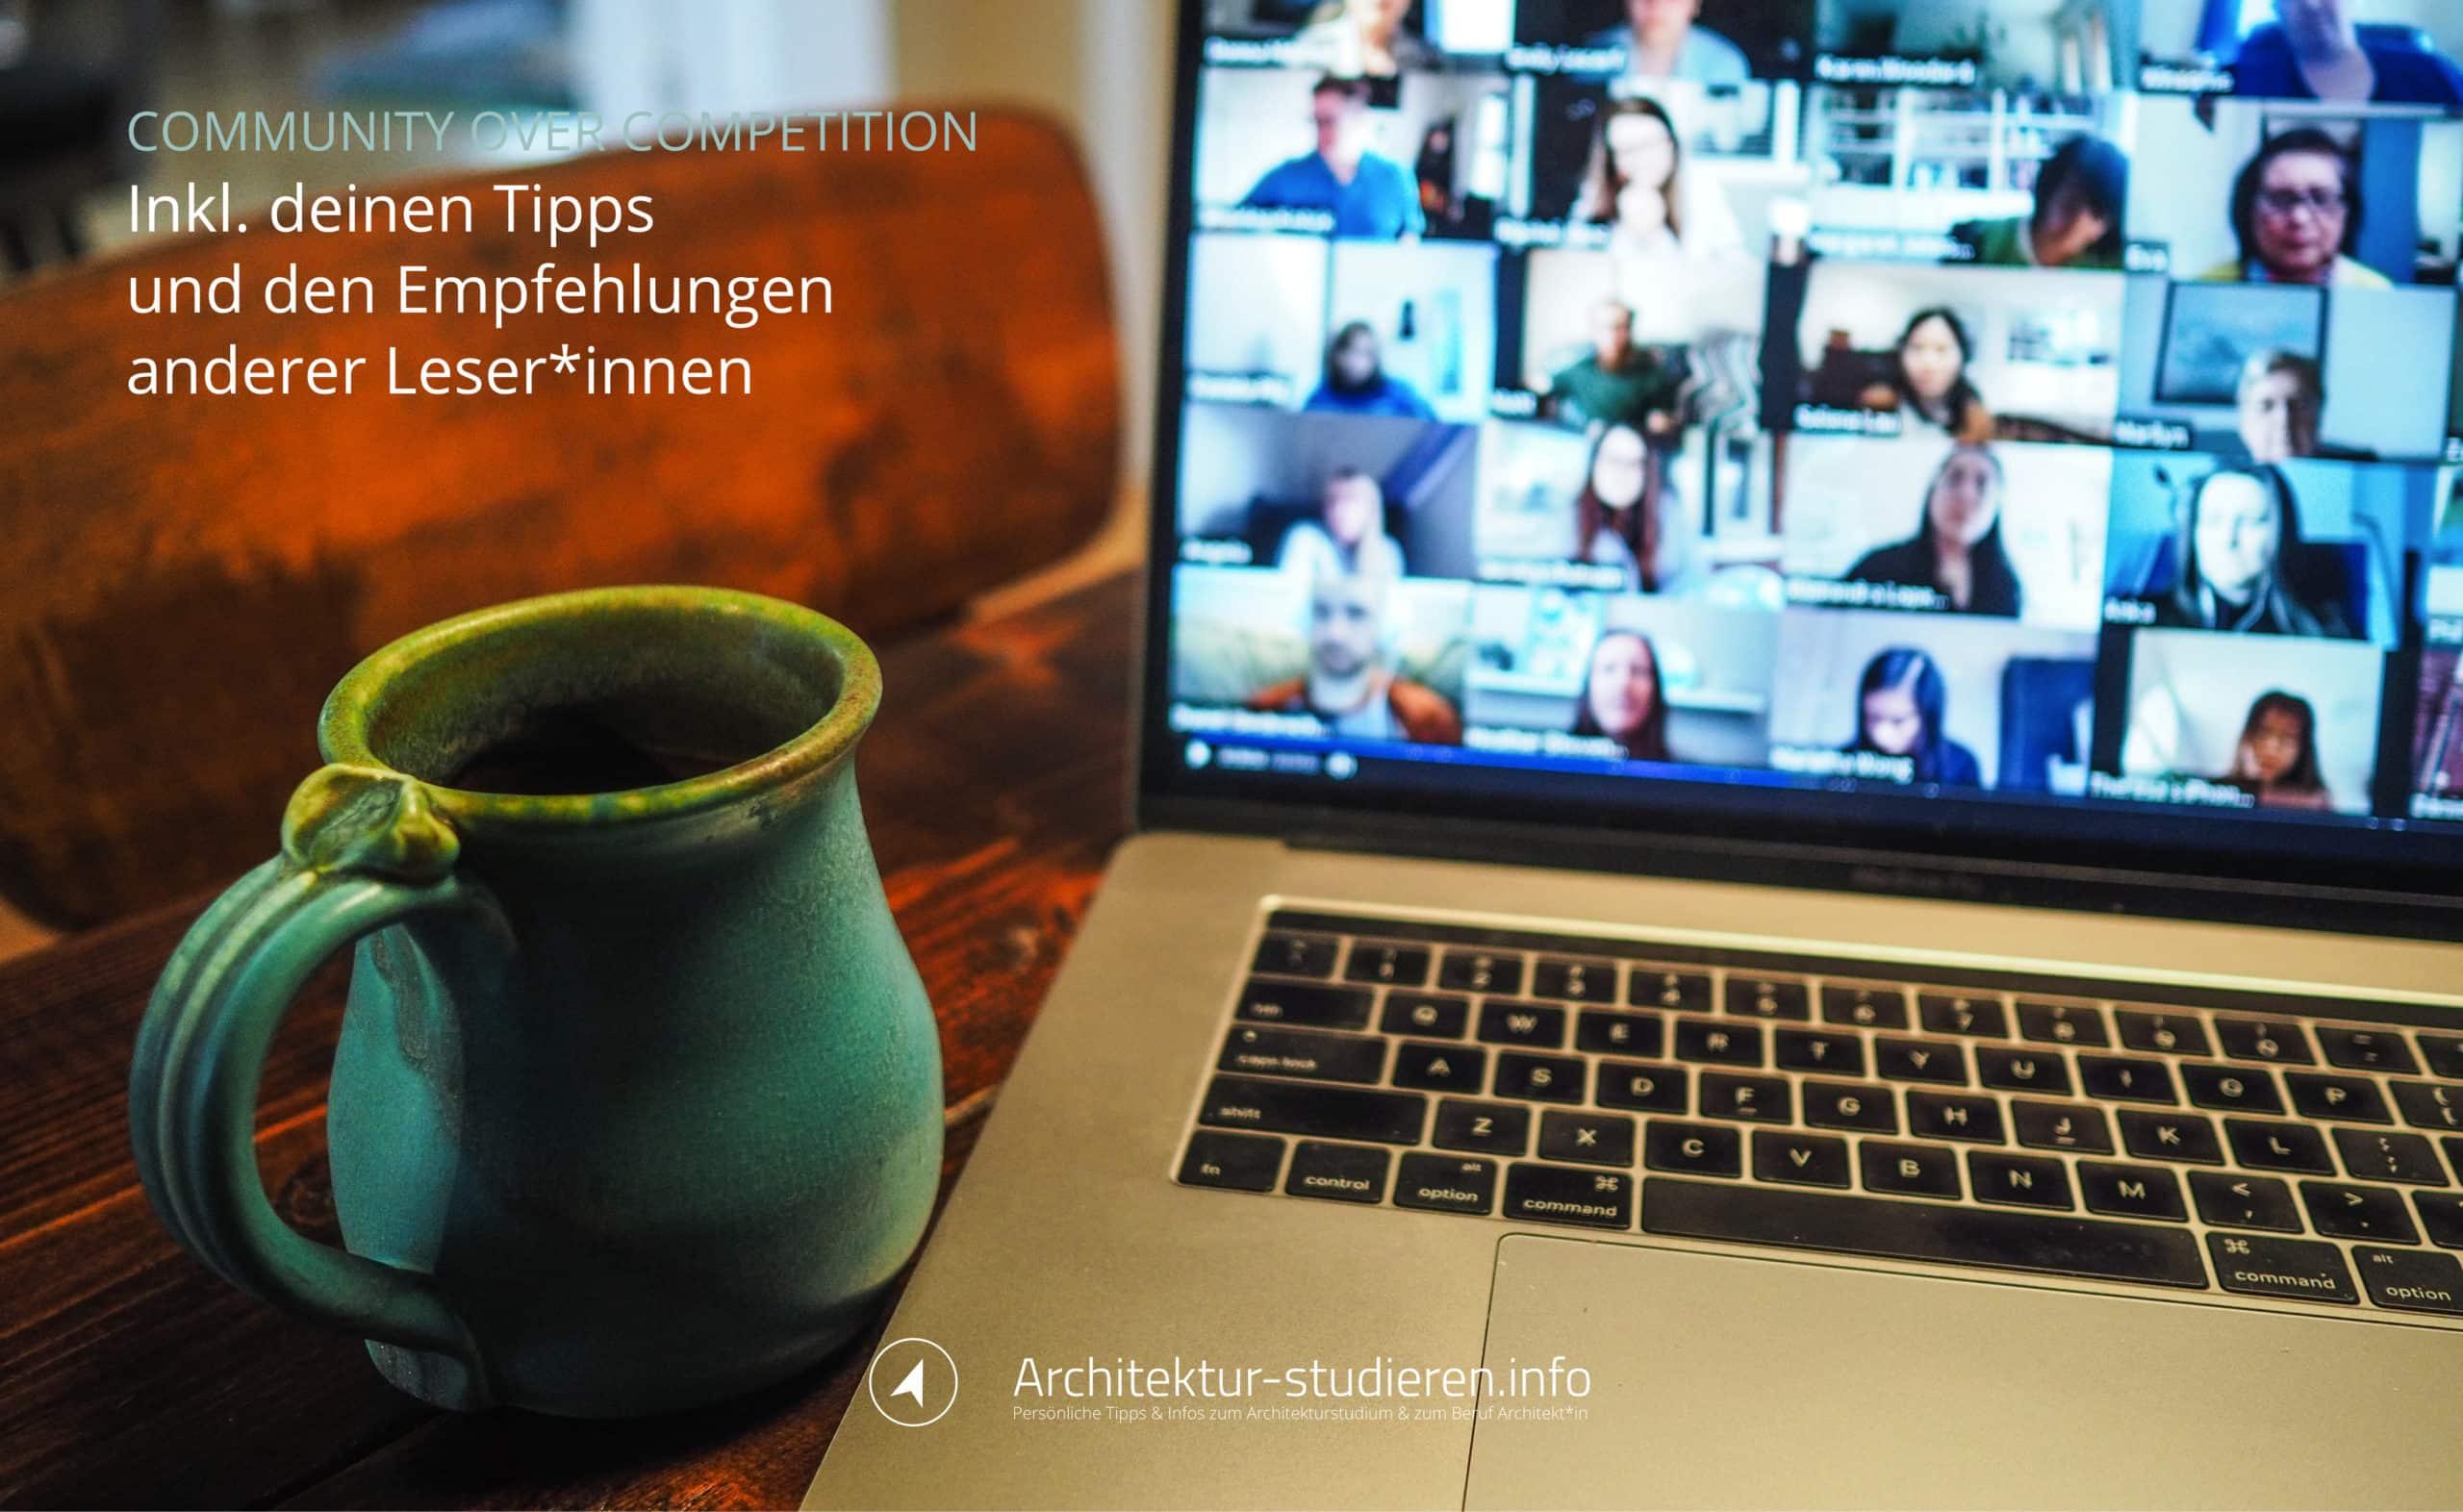 Architektur studieren: Erfolgreiche Gruppenarbeit Online-Semester | Anett Ring, Architektur-studieren.info